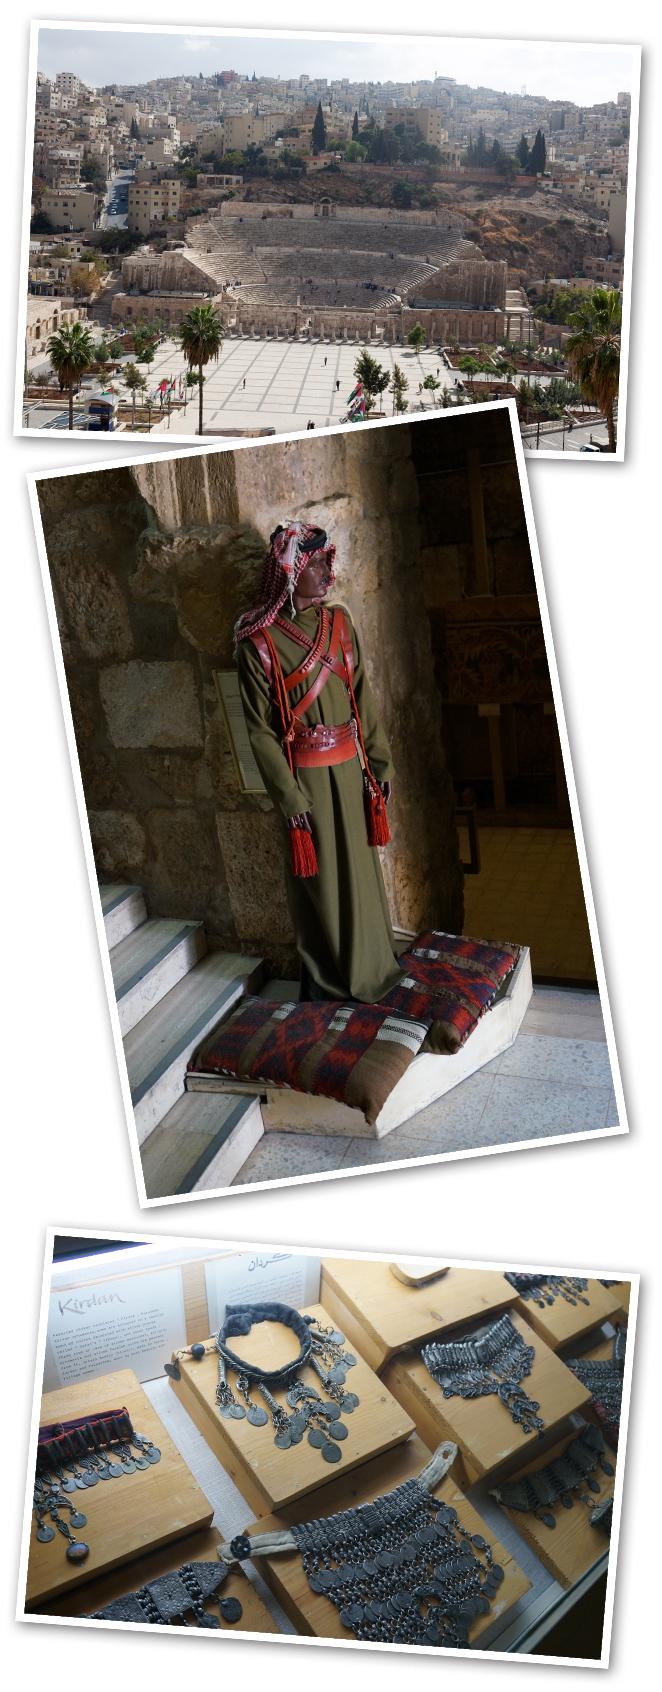 Museo del Folclore Jordano y Tradiciones Populares y Museo Nacional de Jordania